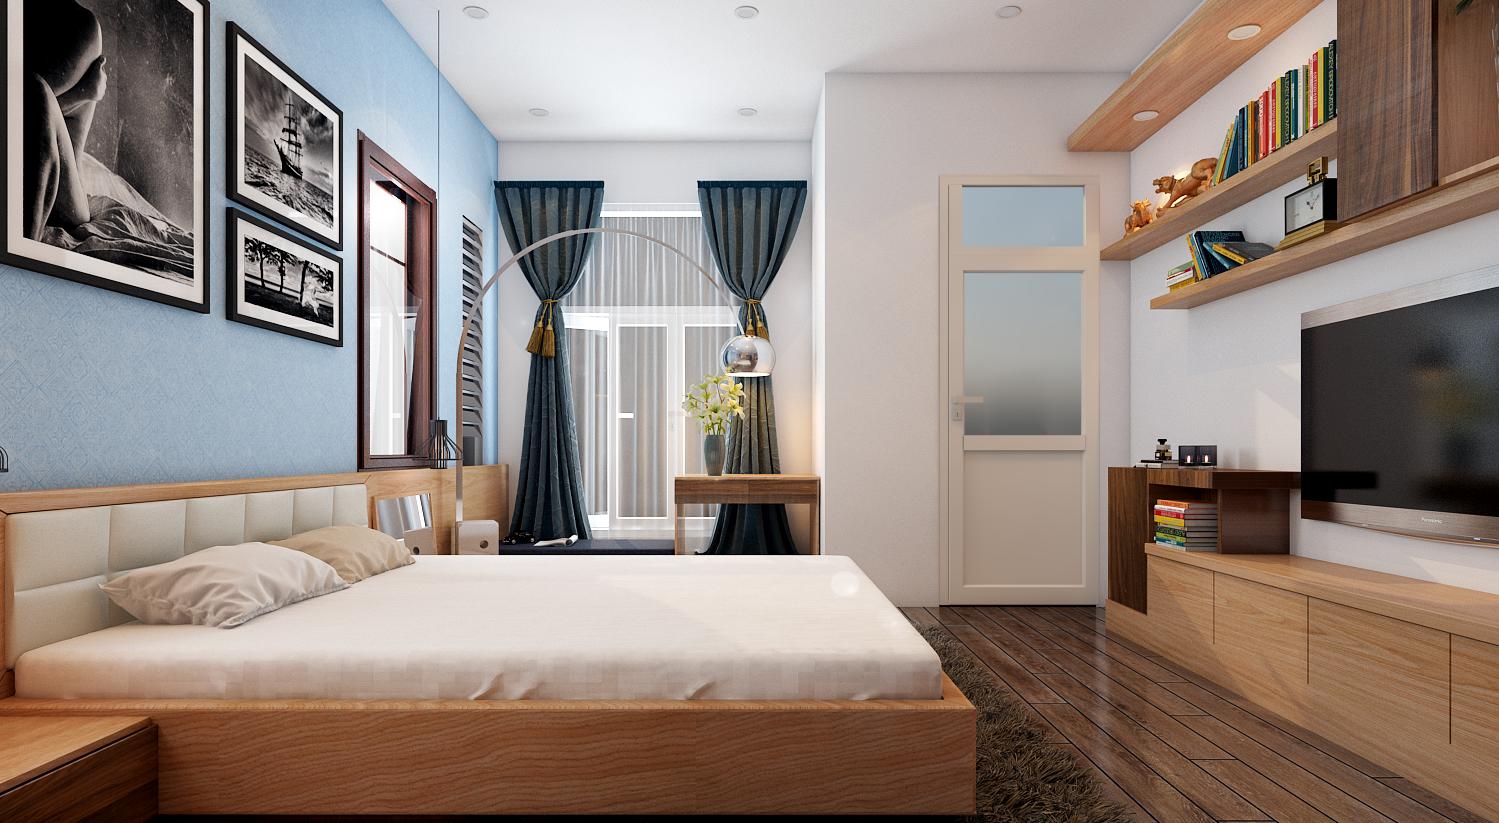 Trang trí phòng ngủ hợp phong thủy để có giấc ngủ ngon